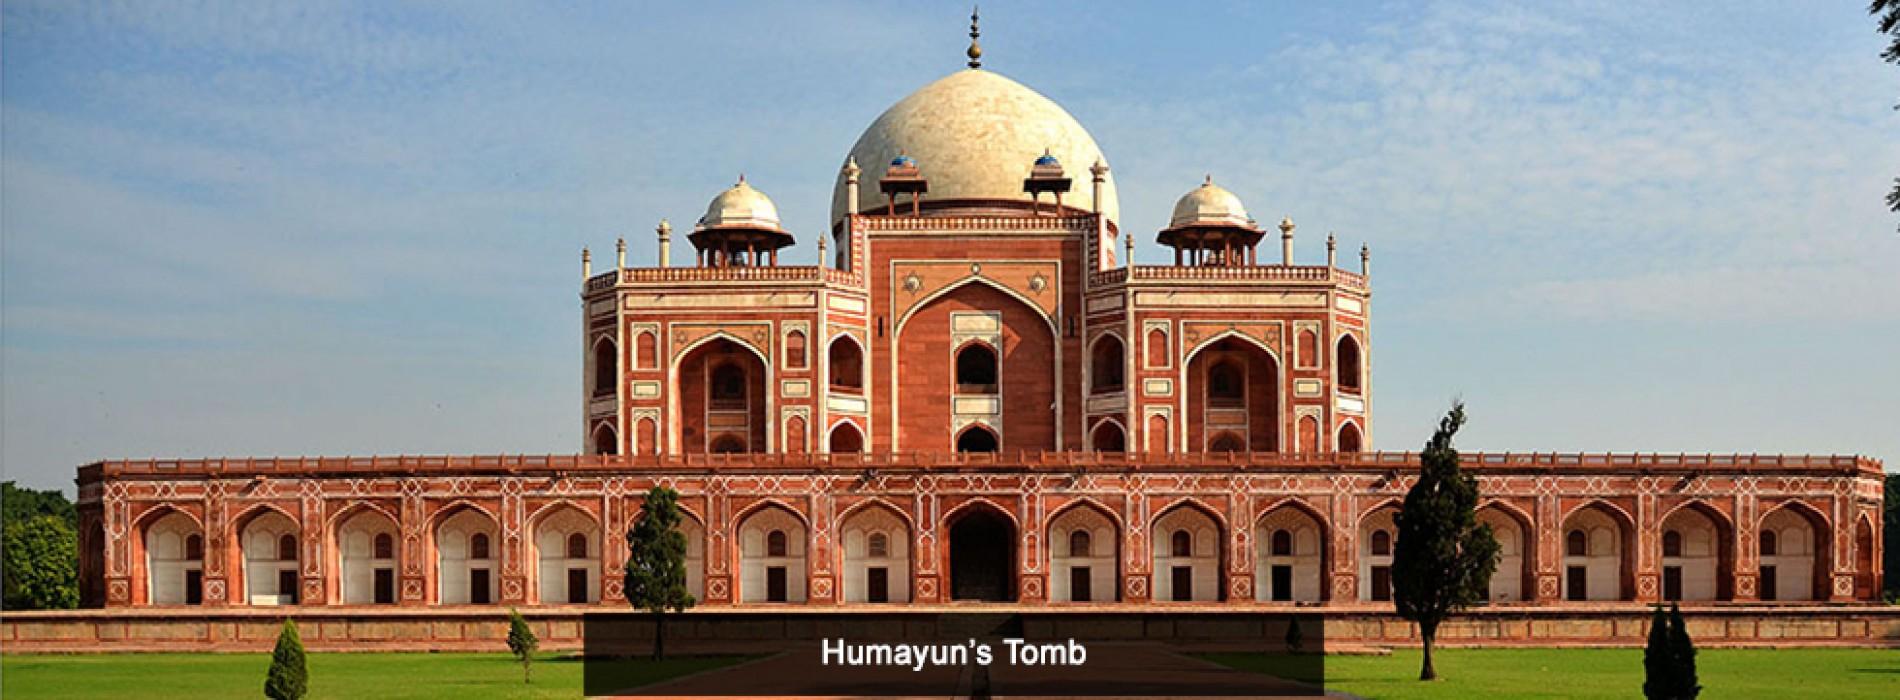 Best way to explore Delhi in 12 hours